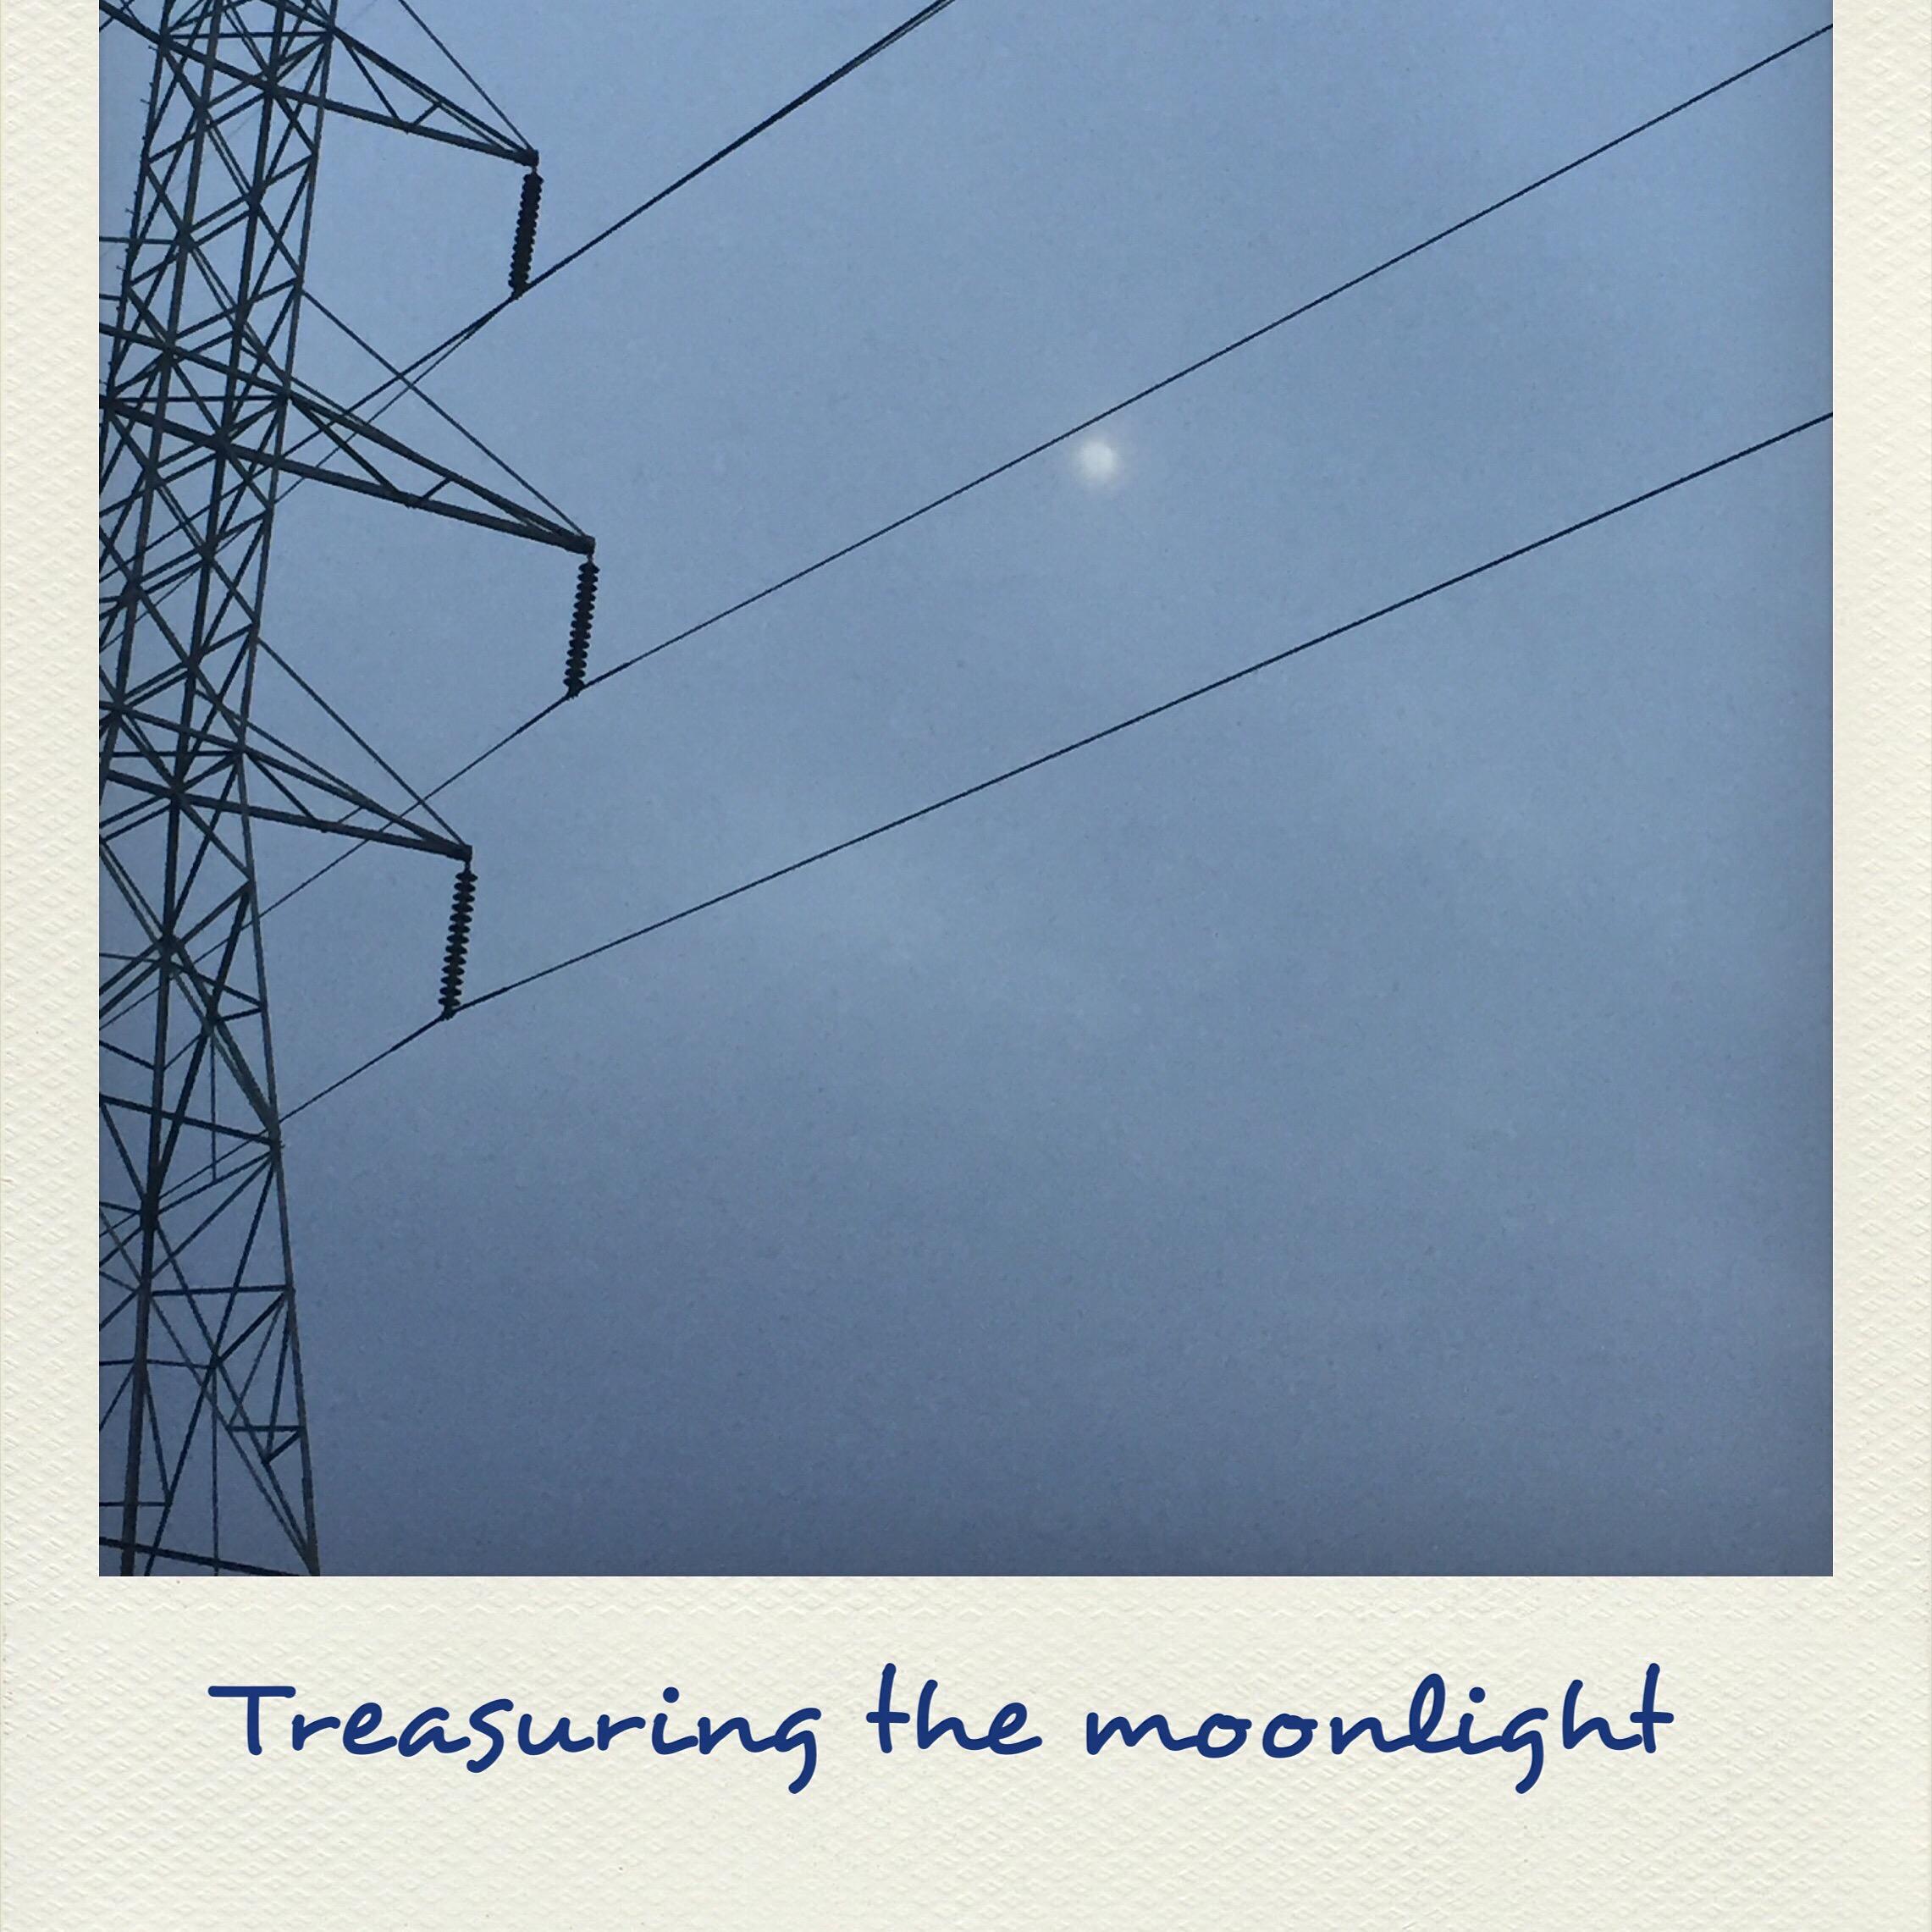 Treasuring Moonlight